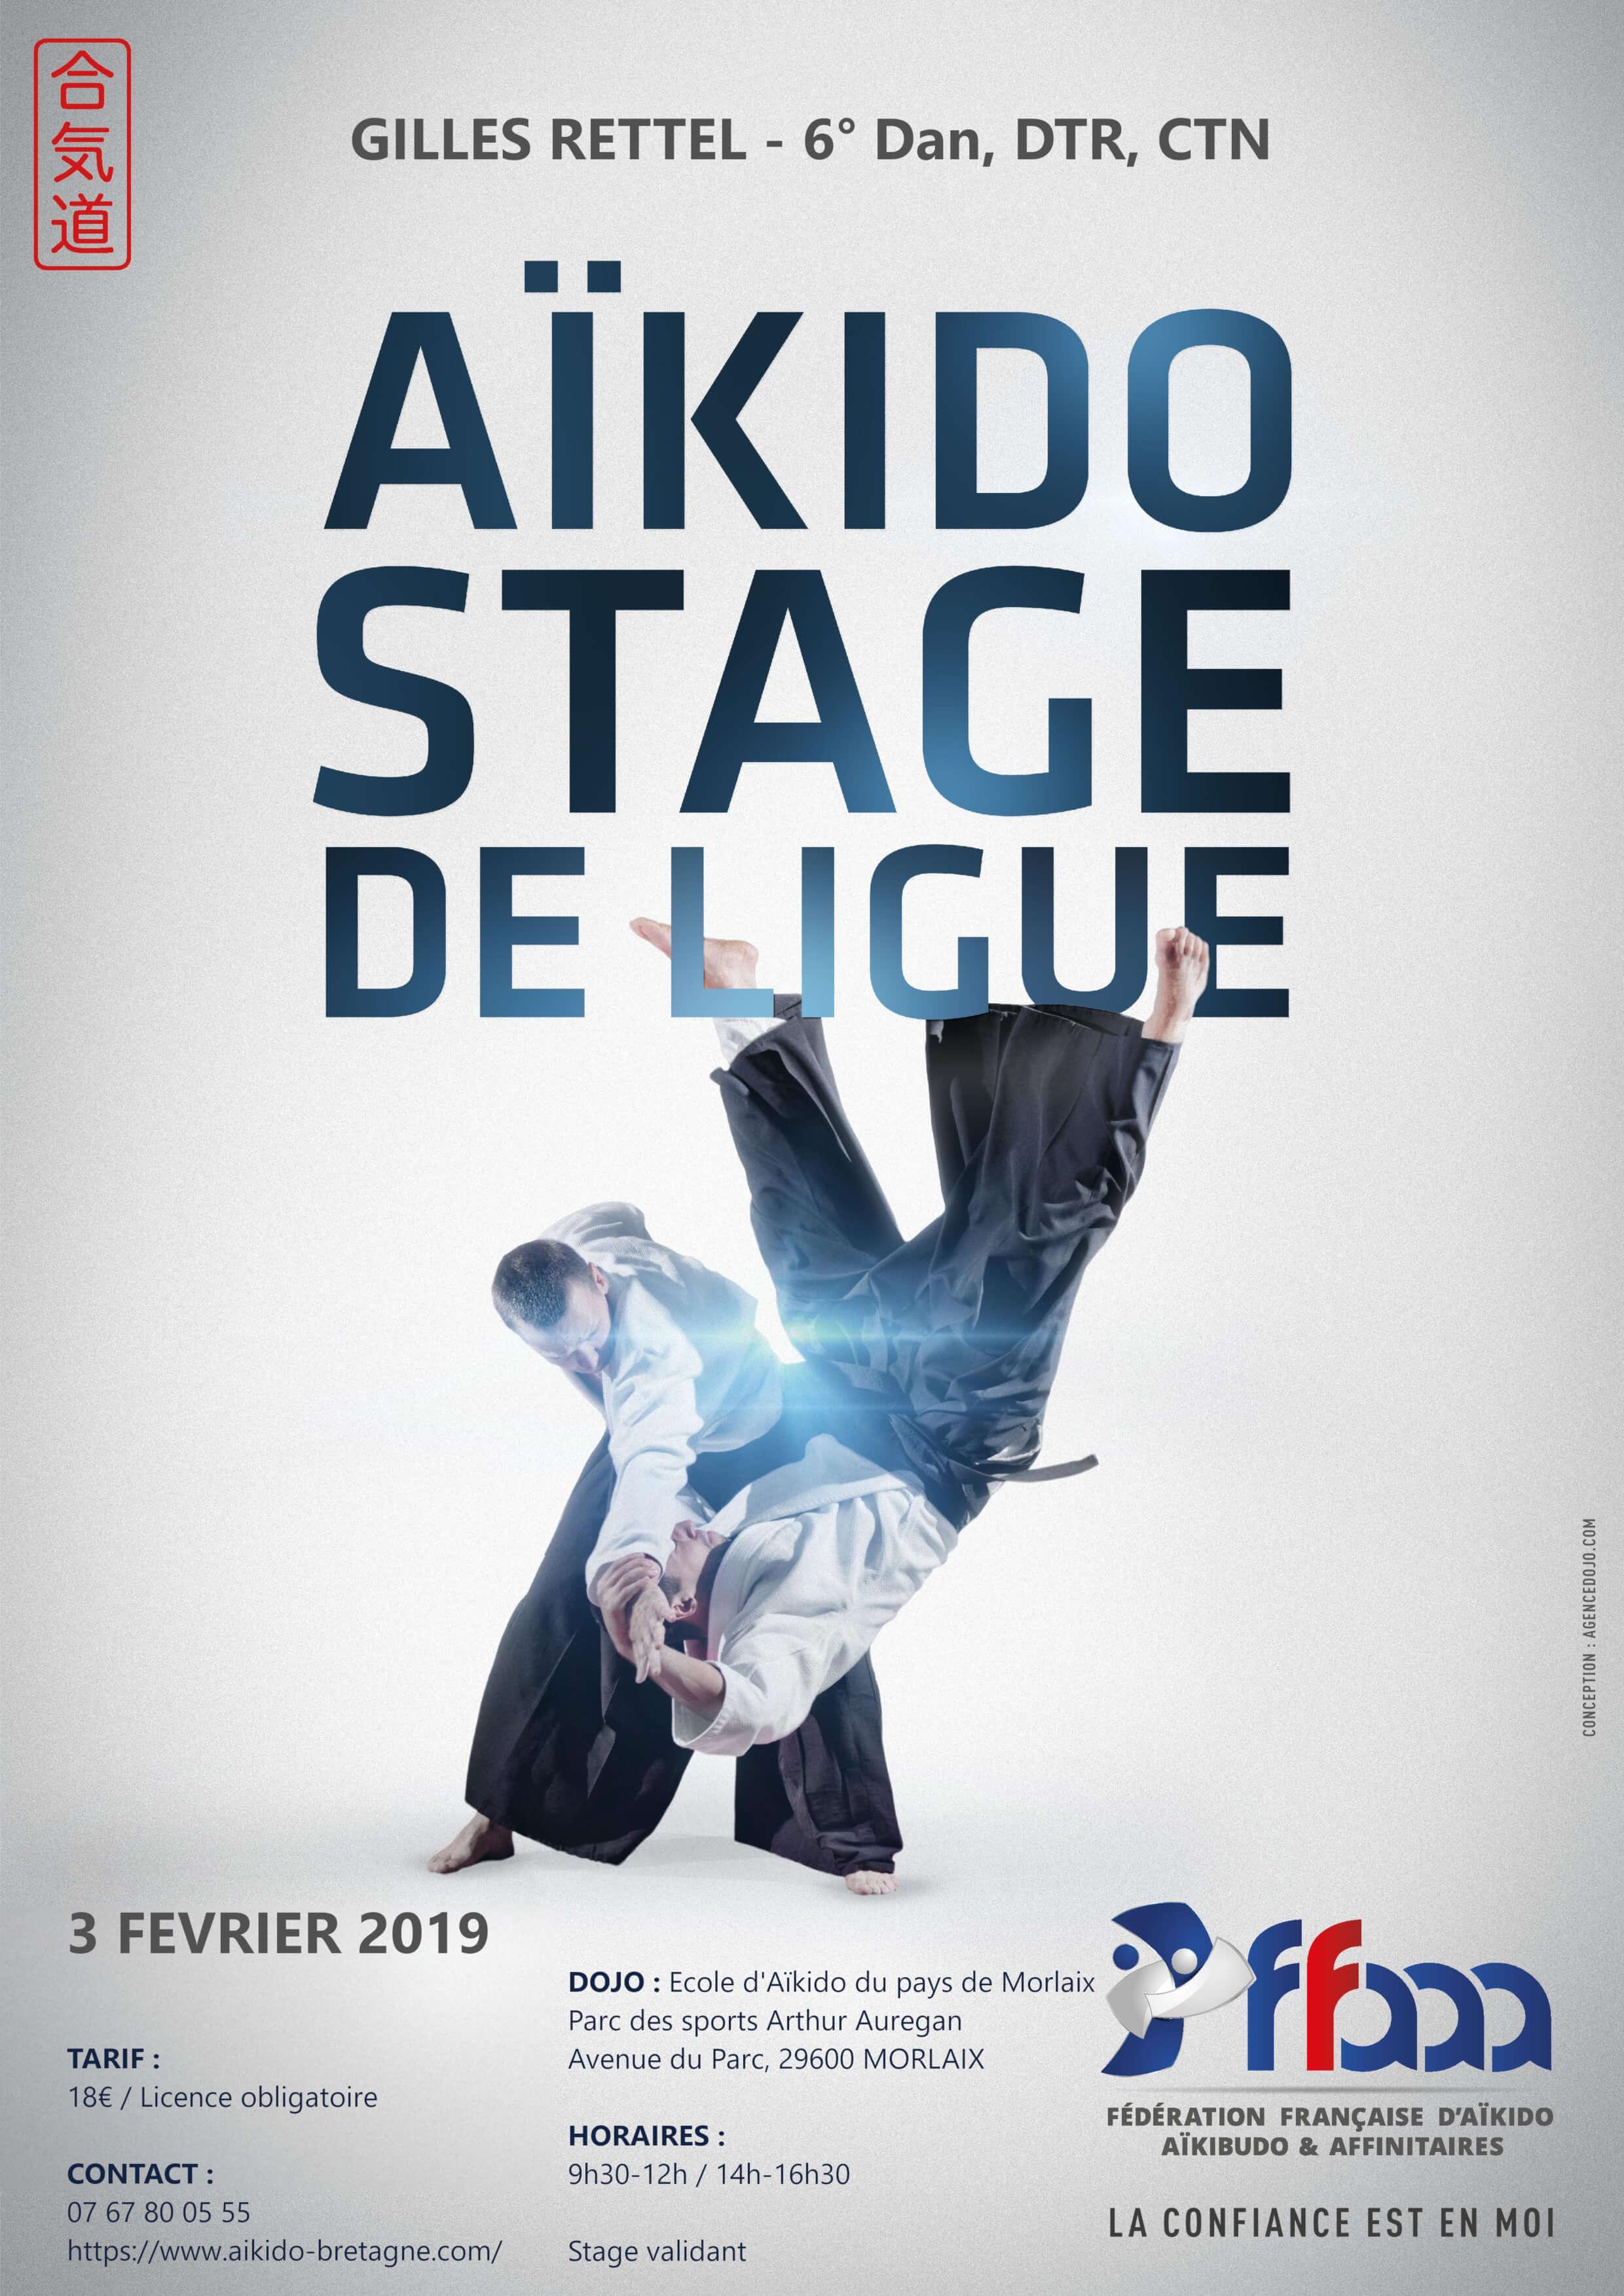 affiche du stage Aïkido de ligue du 3 février 2019 à Morlaix